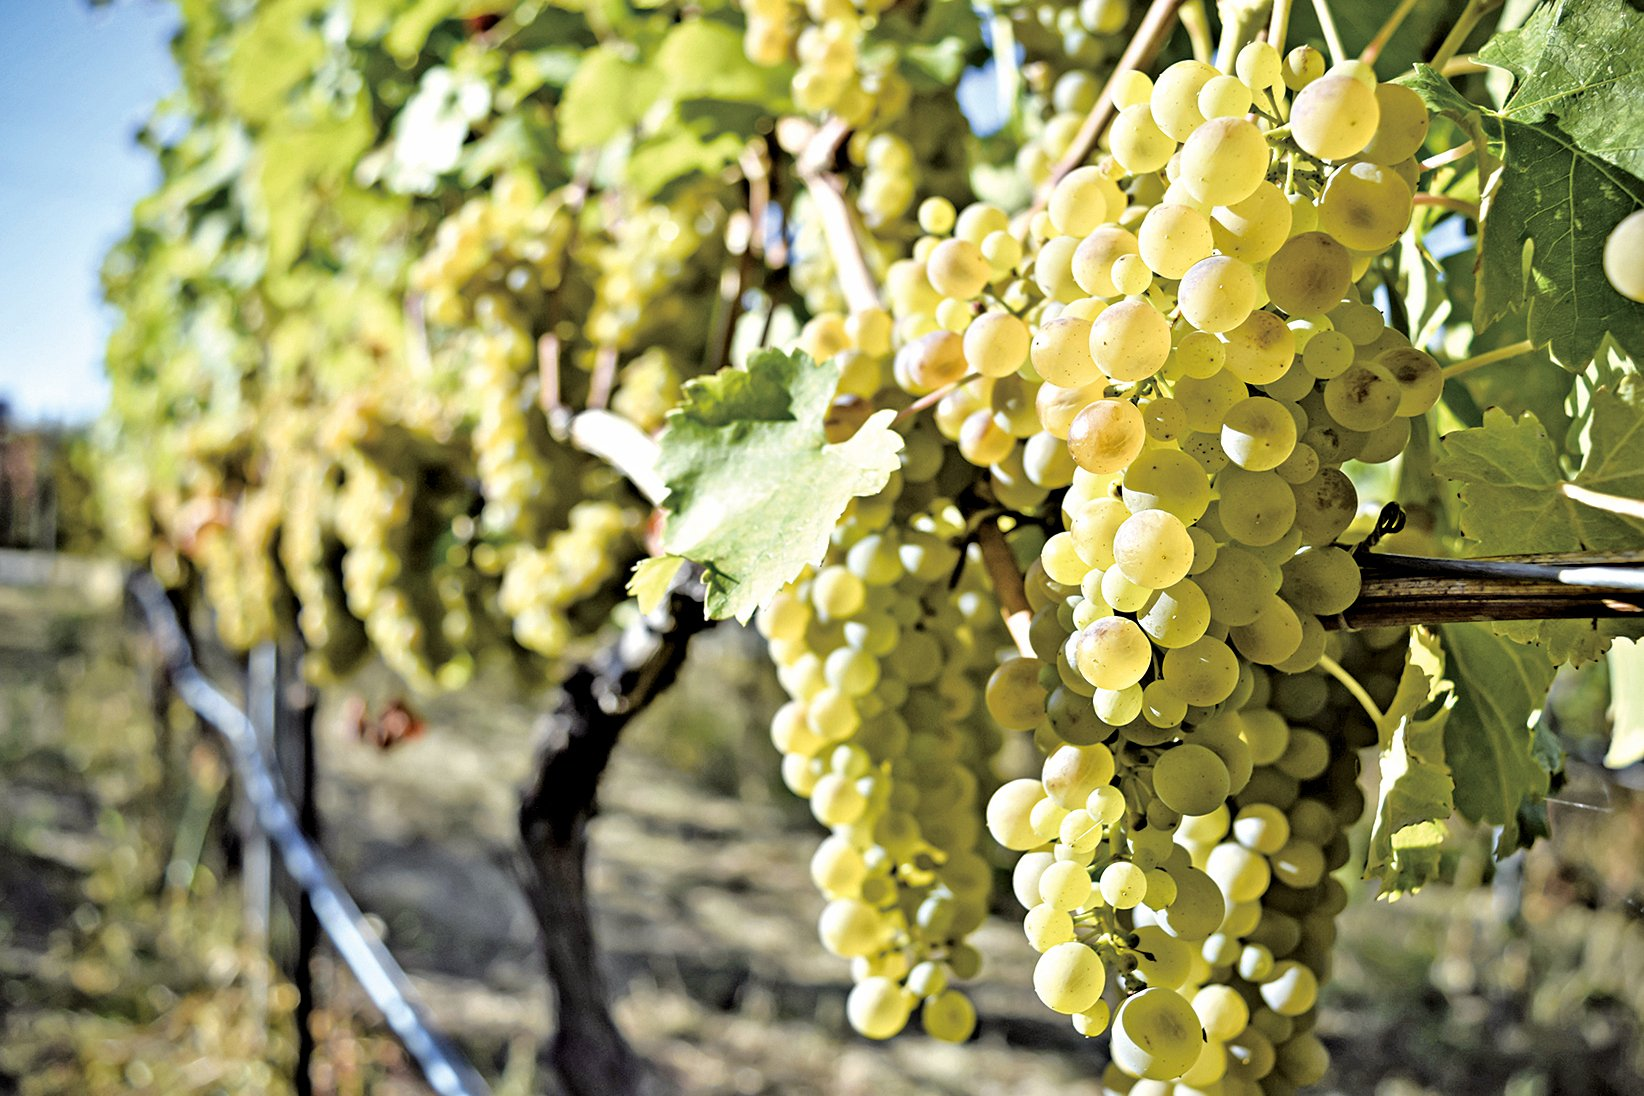 結實纍纍的葡萄,是酒莊所有工作人員的辛苦成果。